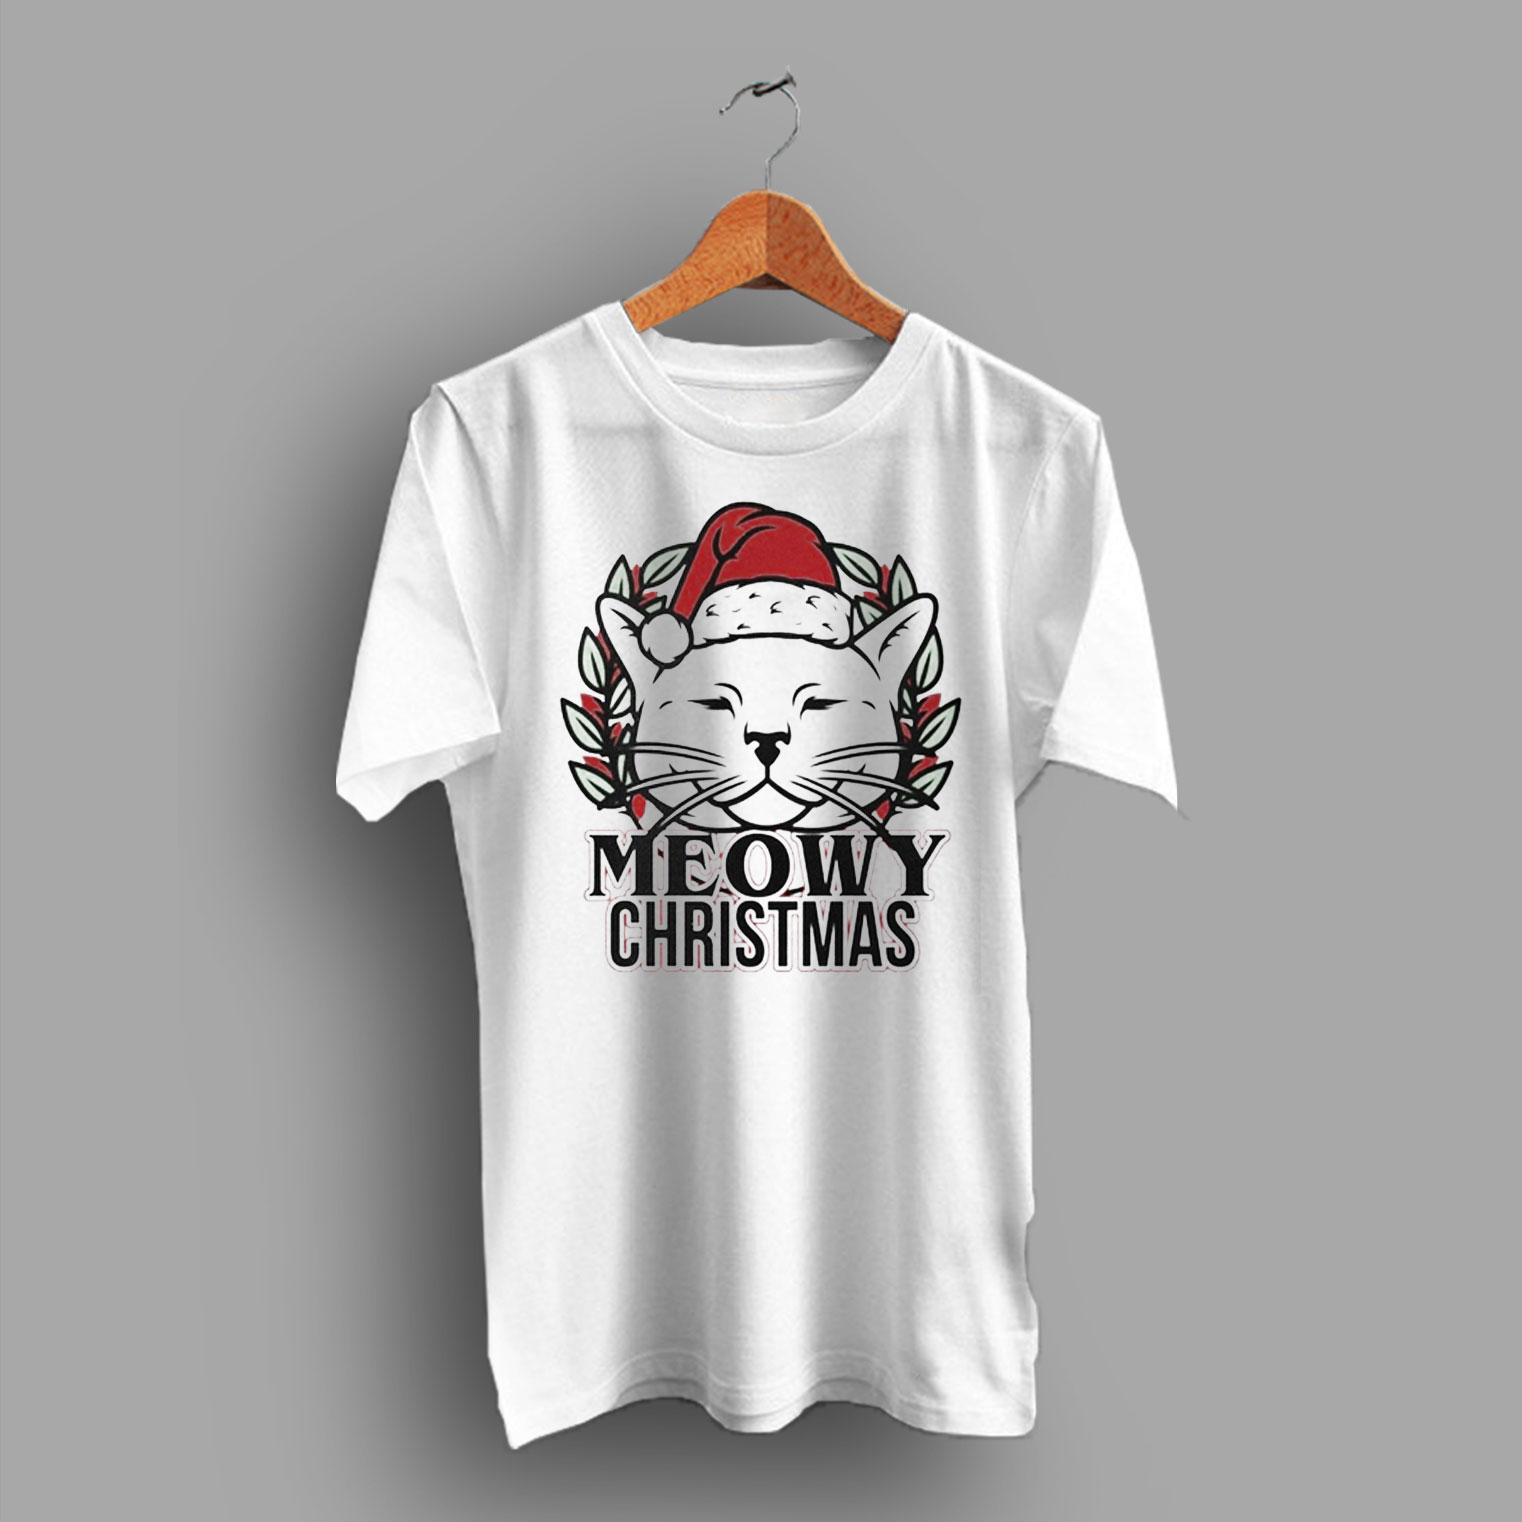 73ae176e6 Meowy Christmas Cat T Shirt - HotVero.com